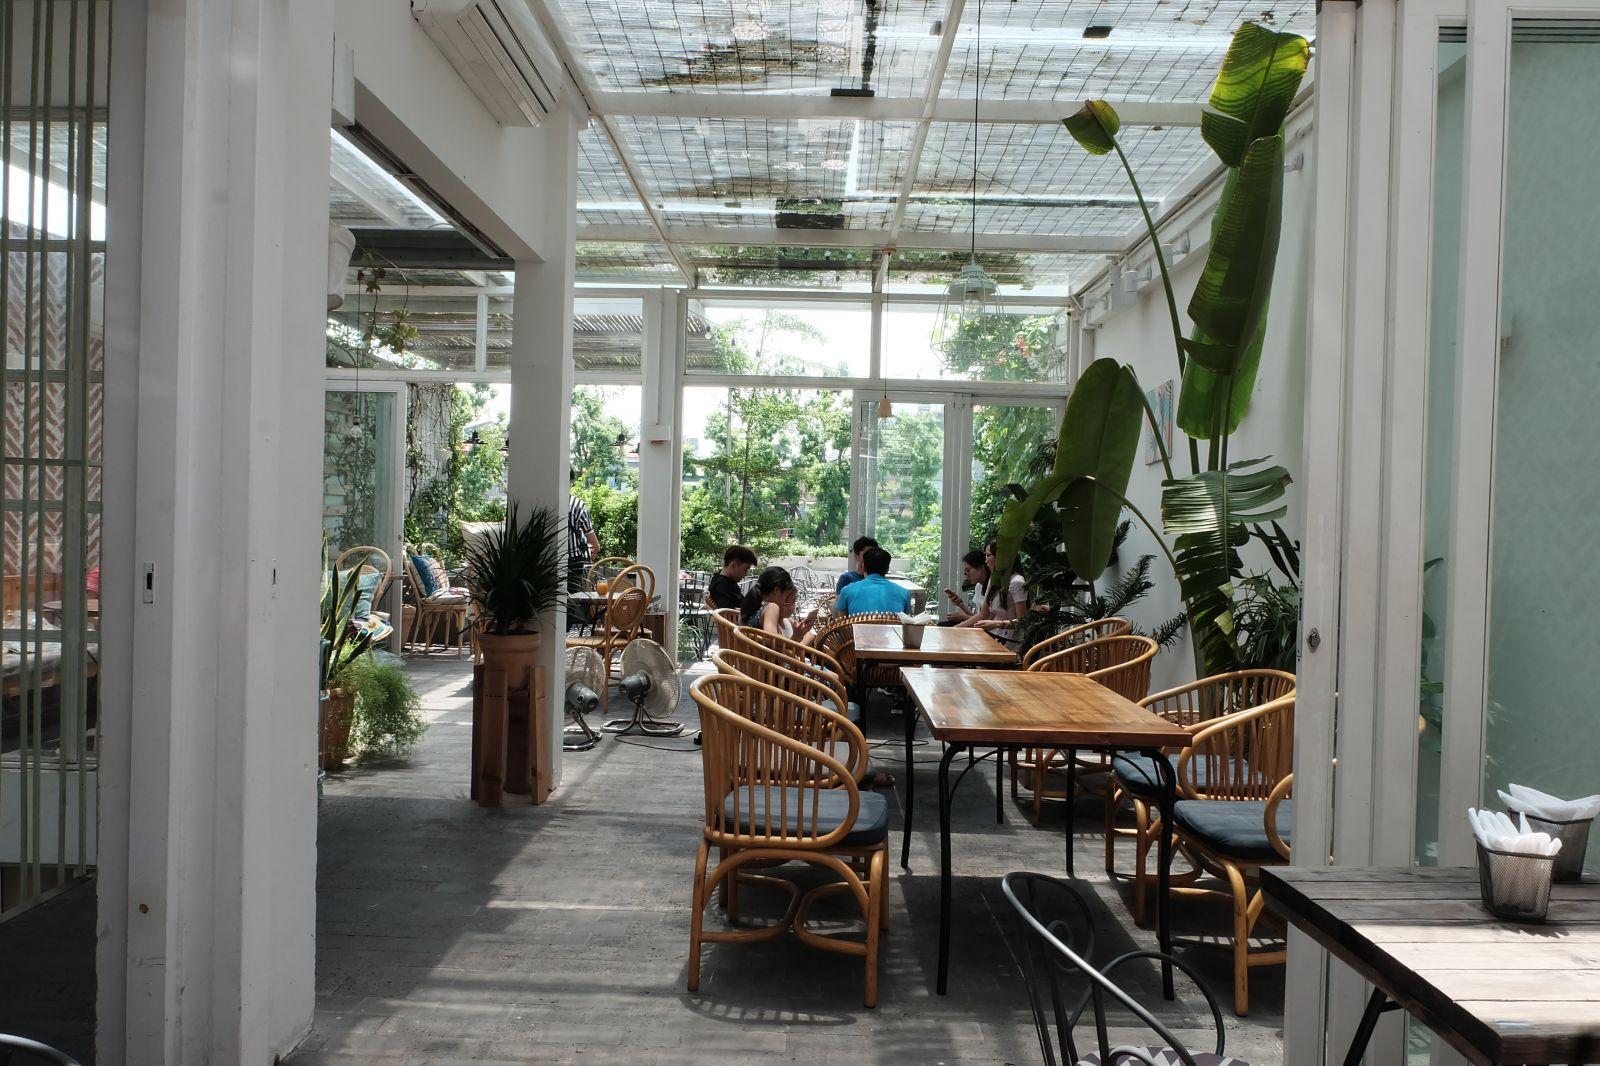 Cà phê xanh: Nơi chốn thoáng đãng và trong lành giữa lòng Hà Nội